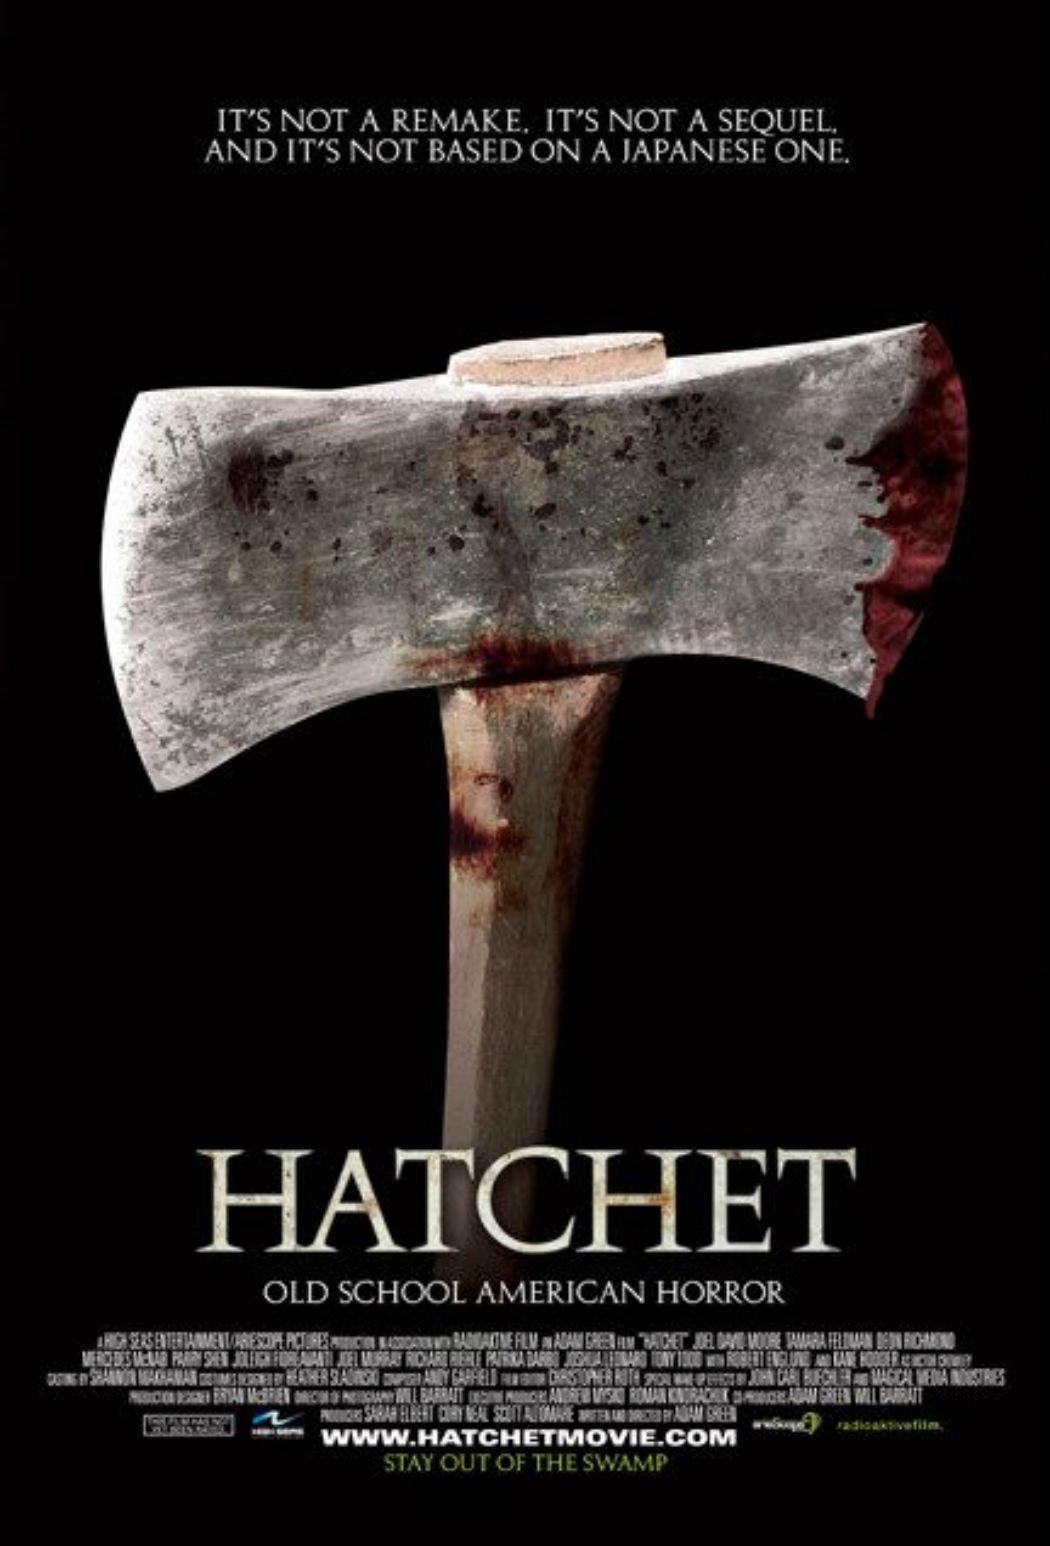 'Hatchet' (2006)